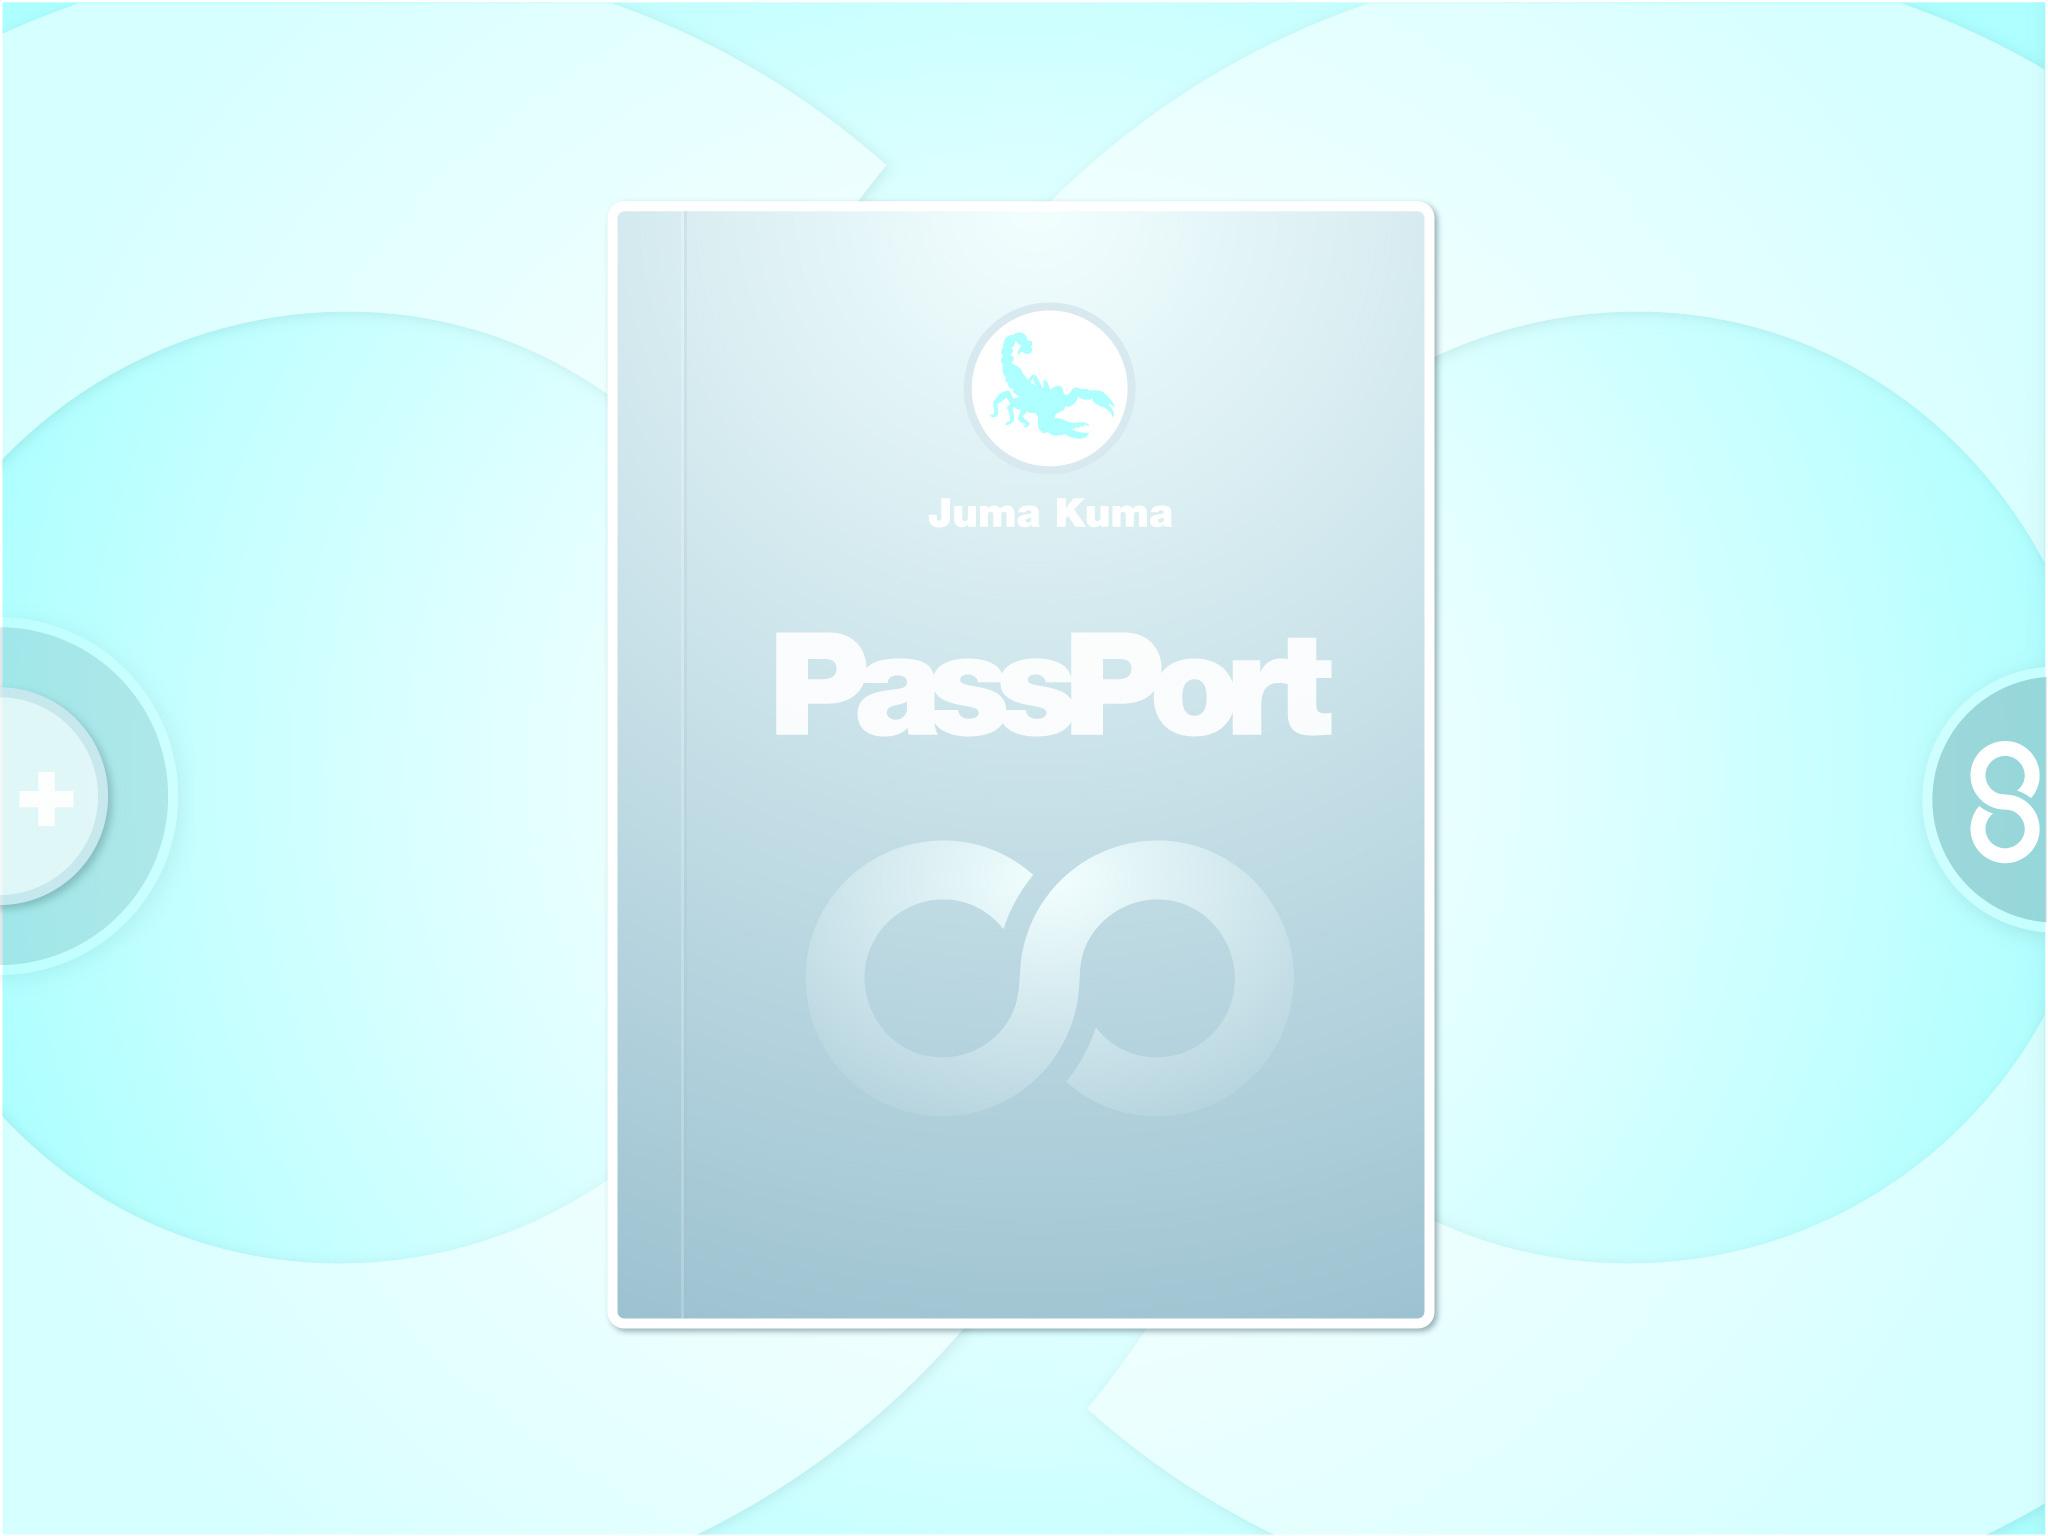 passport01.jpg